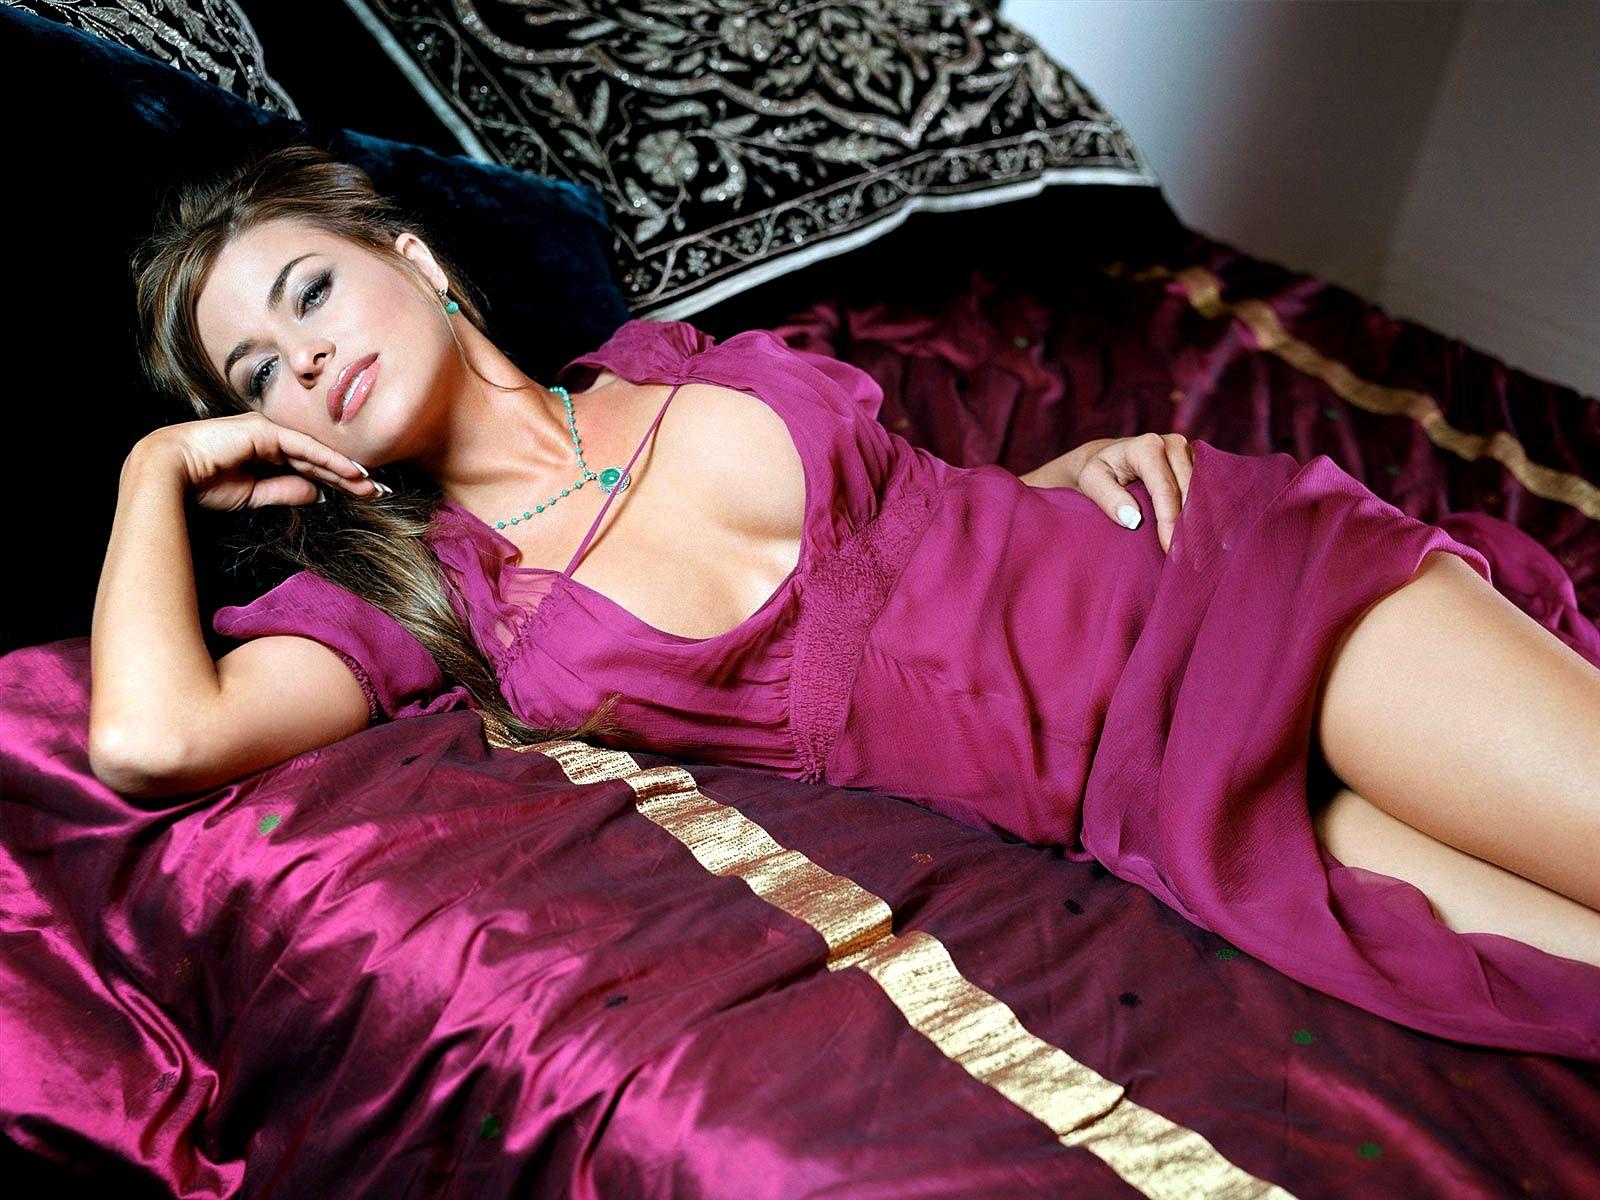 http://2.bp.blogspot.com/-feZRU16LQnk/UAK6LTsxzlI/AAAAAAAAGkg/davFgWT64FI/s1600/Carmen+Electra+Wallpapers+HD.jpg